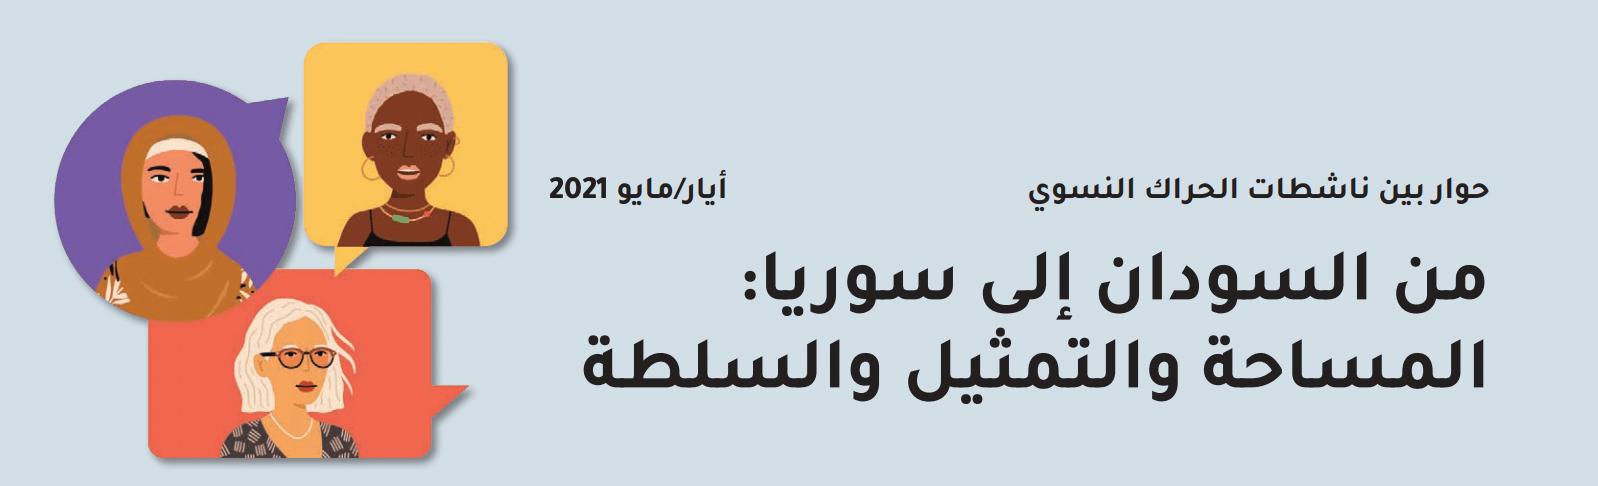 حوار بين ناشطات الحراك النسوي أيار/مايو 2021 من السودان إلى سوريا: المساحة والتمثيل والسلطة